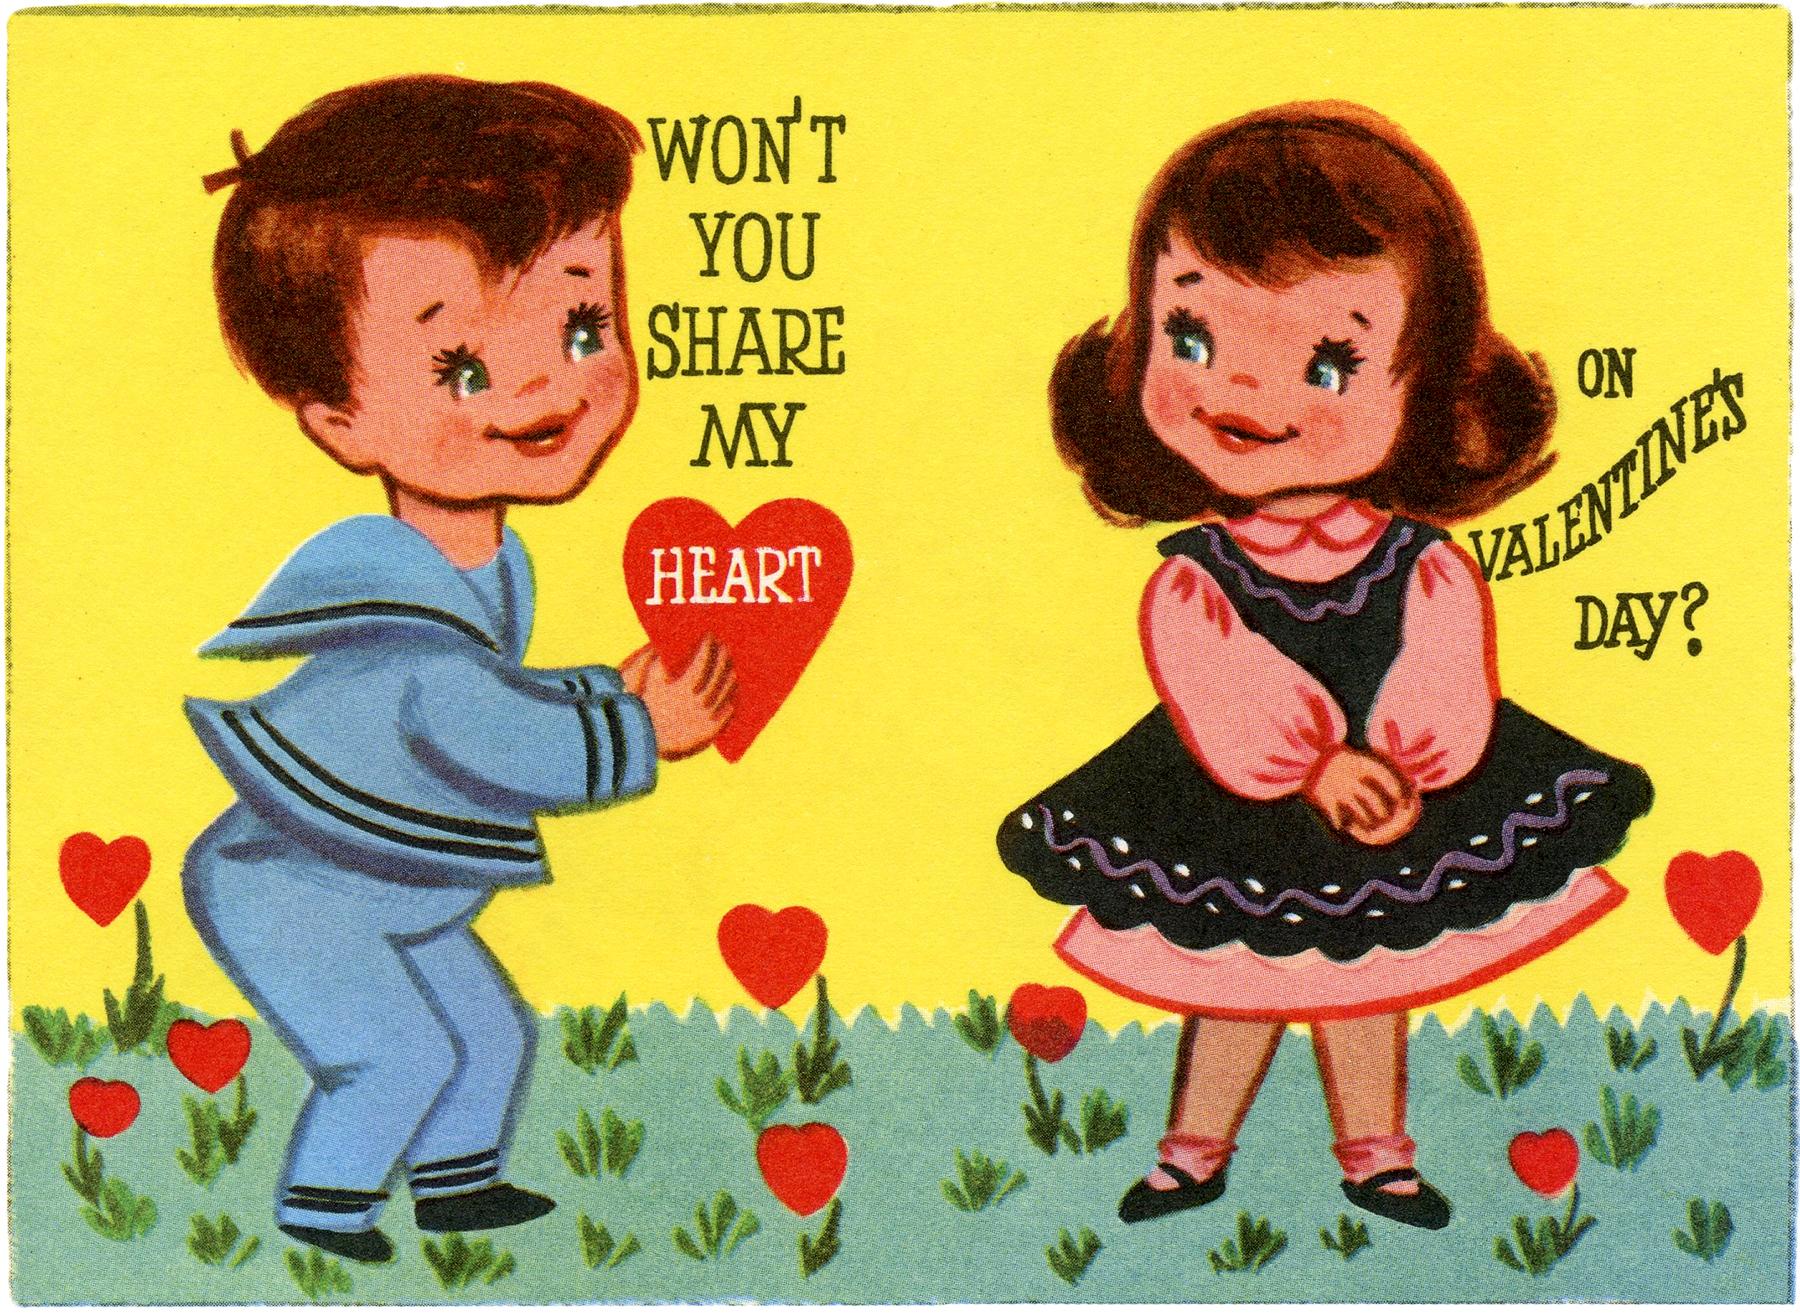 Retro Valentine Kids Image